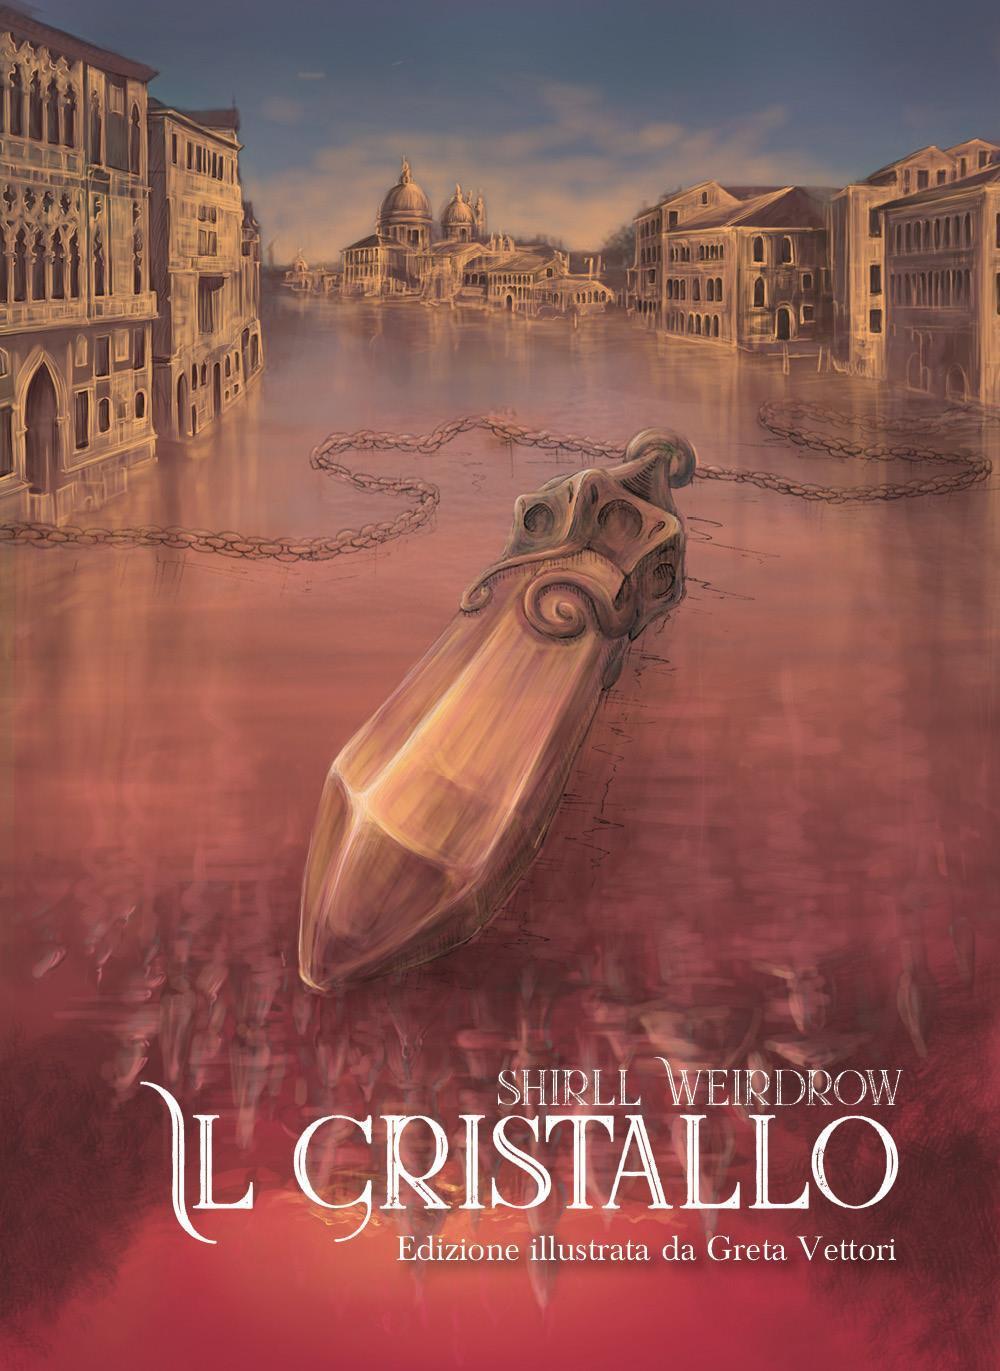 Il Cristallo Illustrato. Edizione illustrata da Greta Vettori